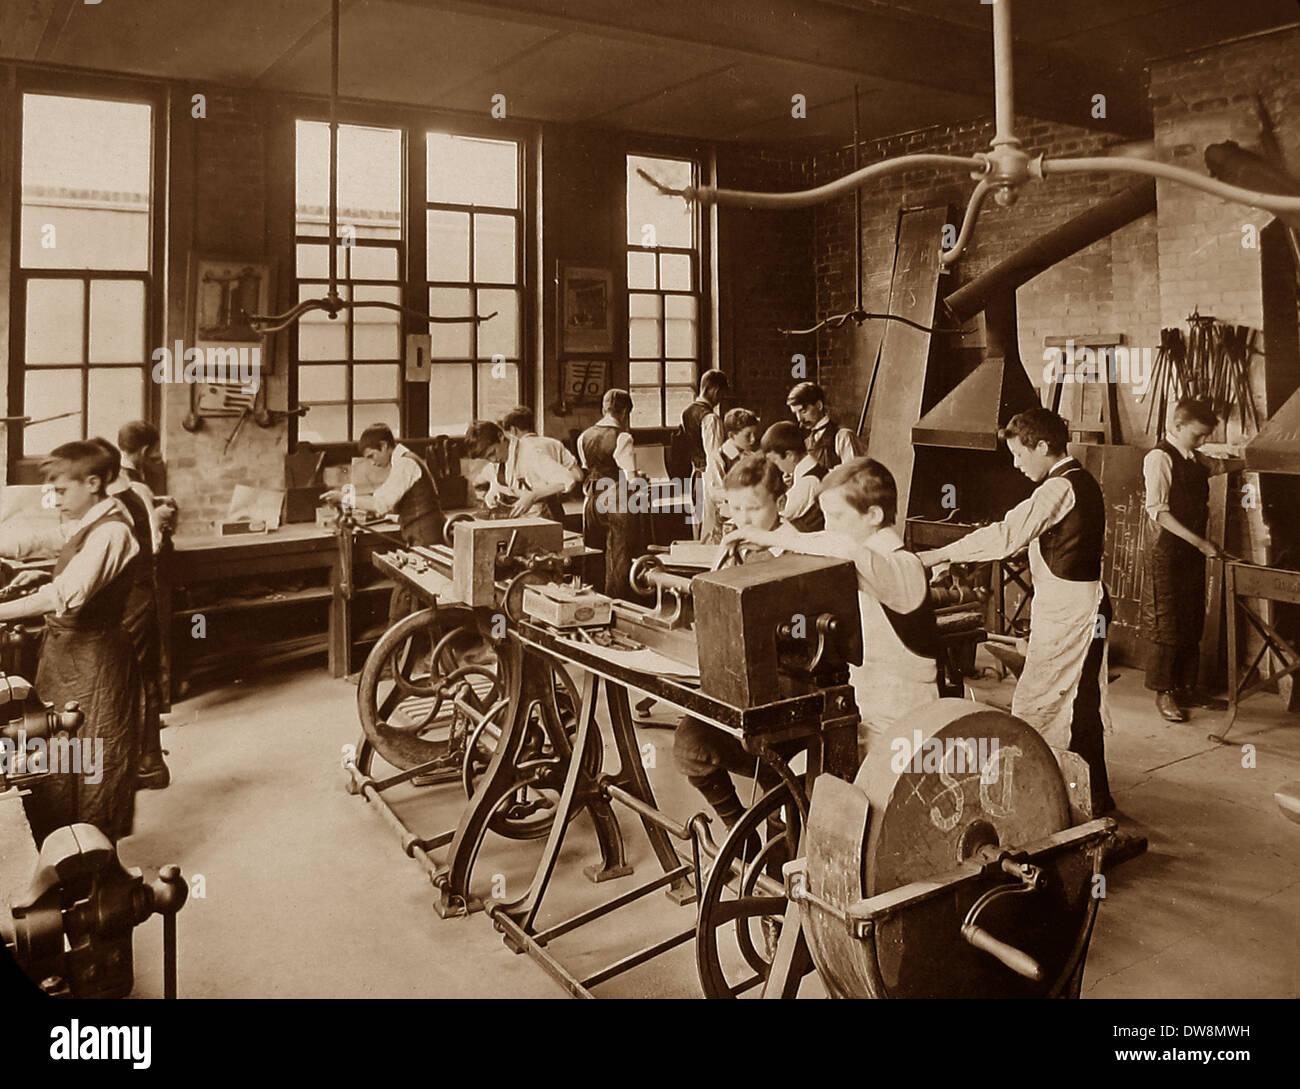 1920/30s School metal working class Imagen De Stock